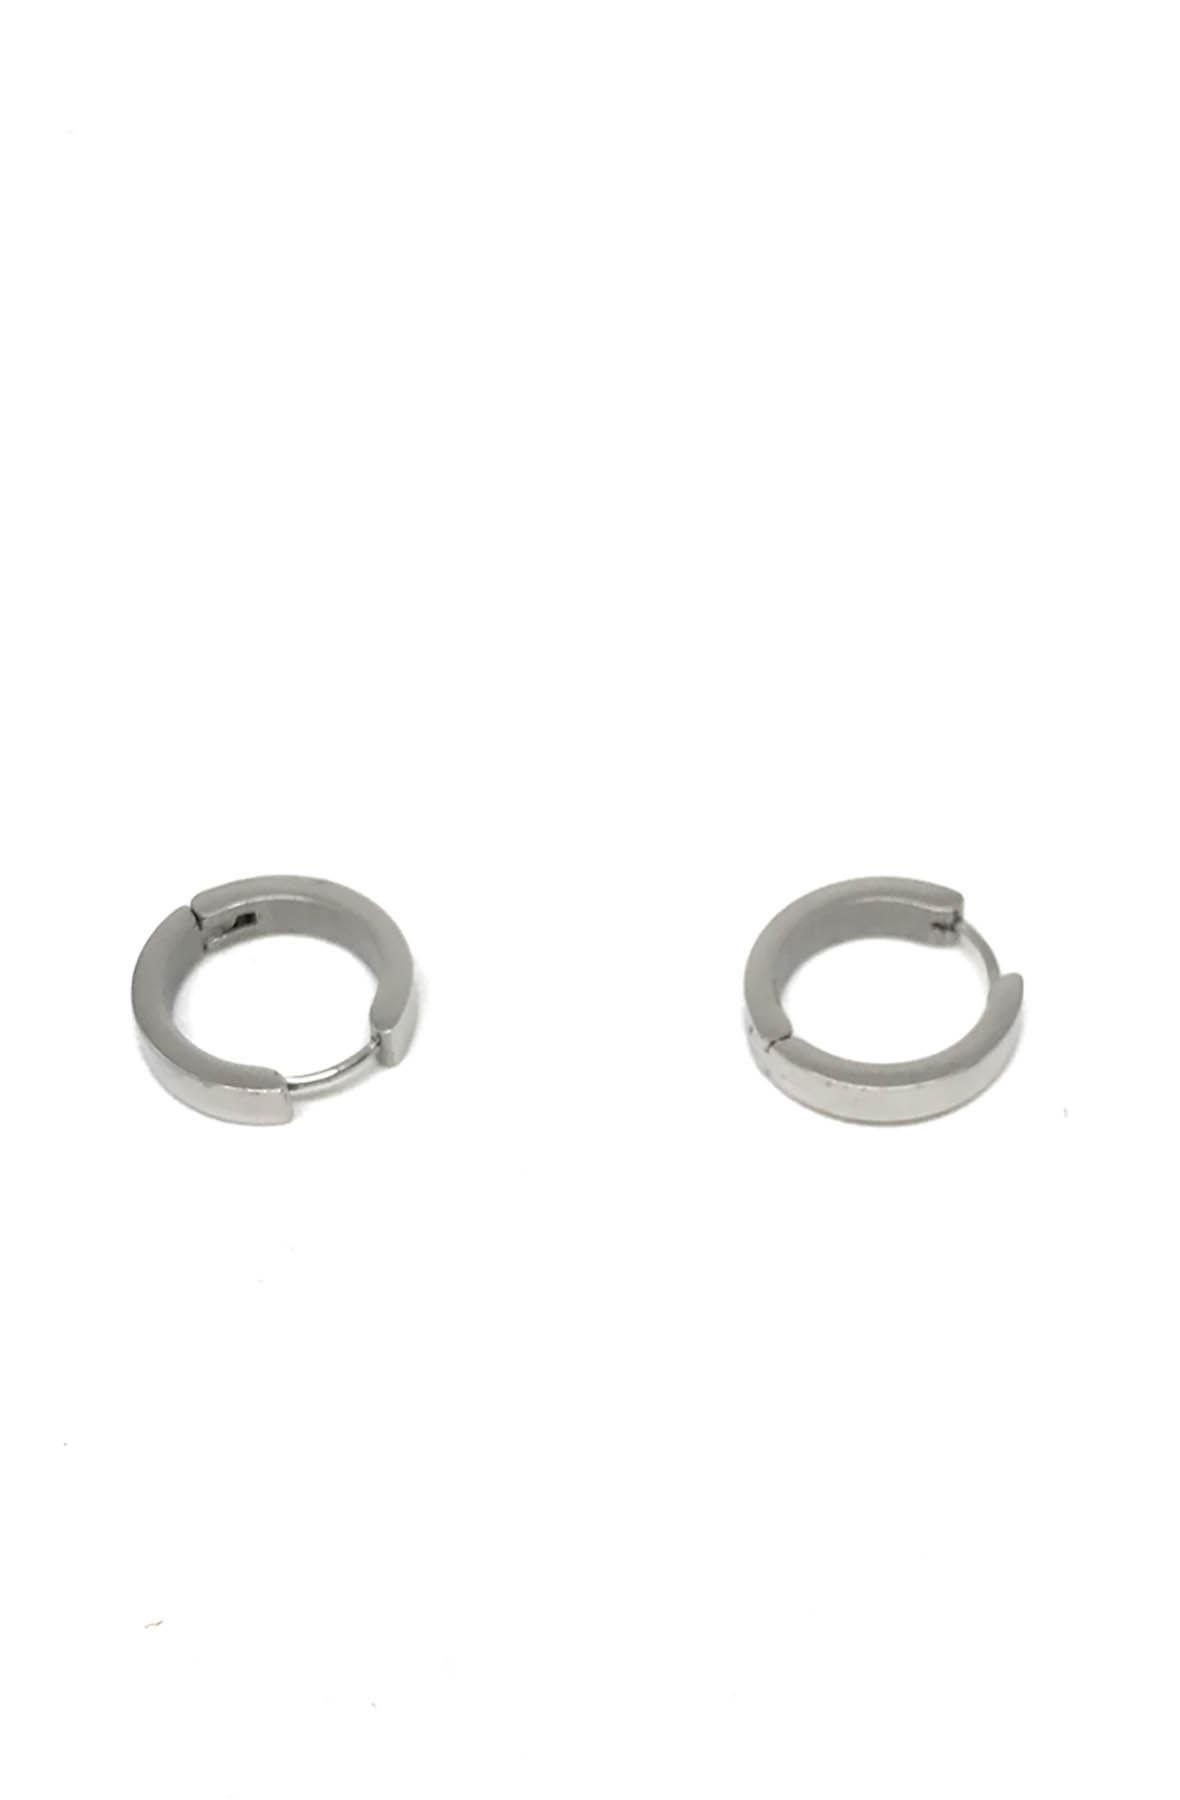 Stainless Steel Hoop Earrings Big